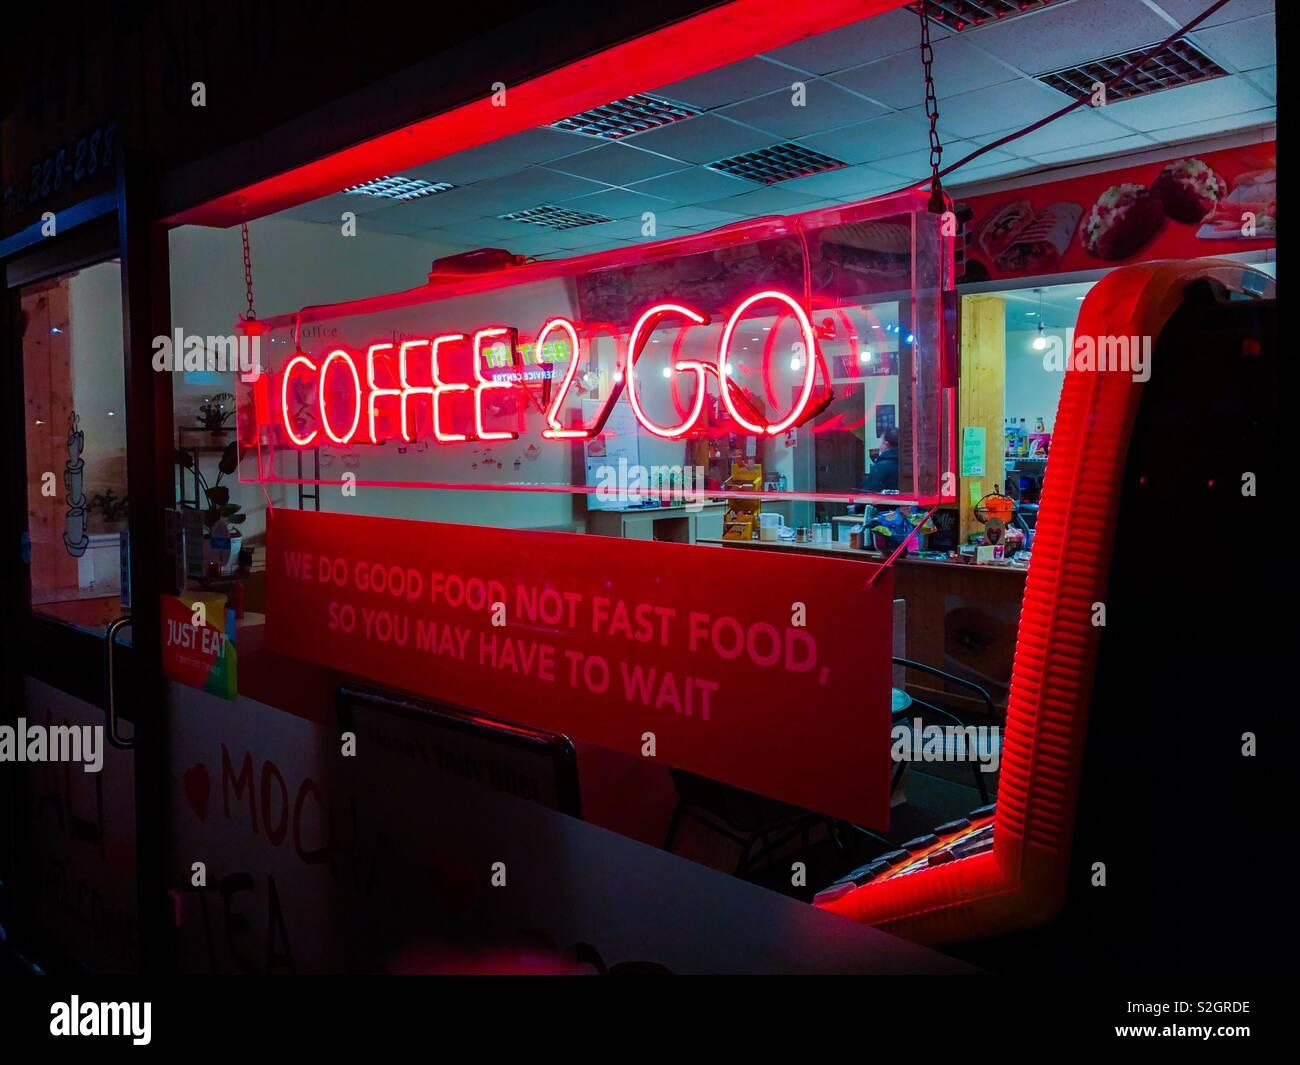 Café 2 Vaya signo de neón. Glasgow. Escocia. En el Reino Unido. Imagen De Stock